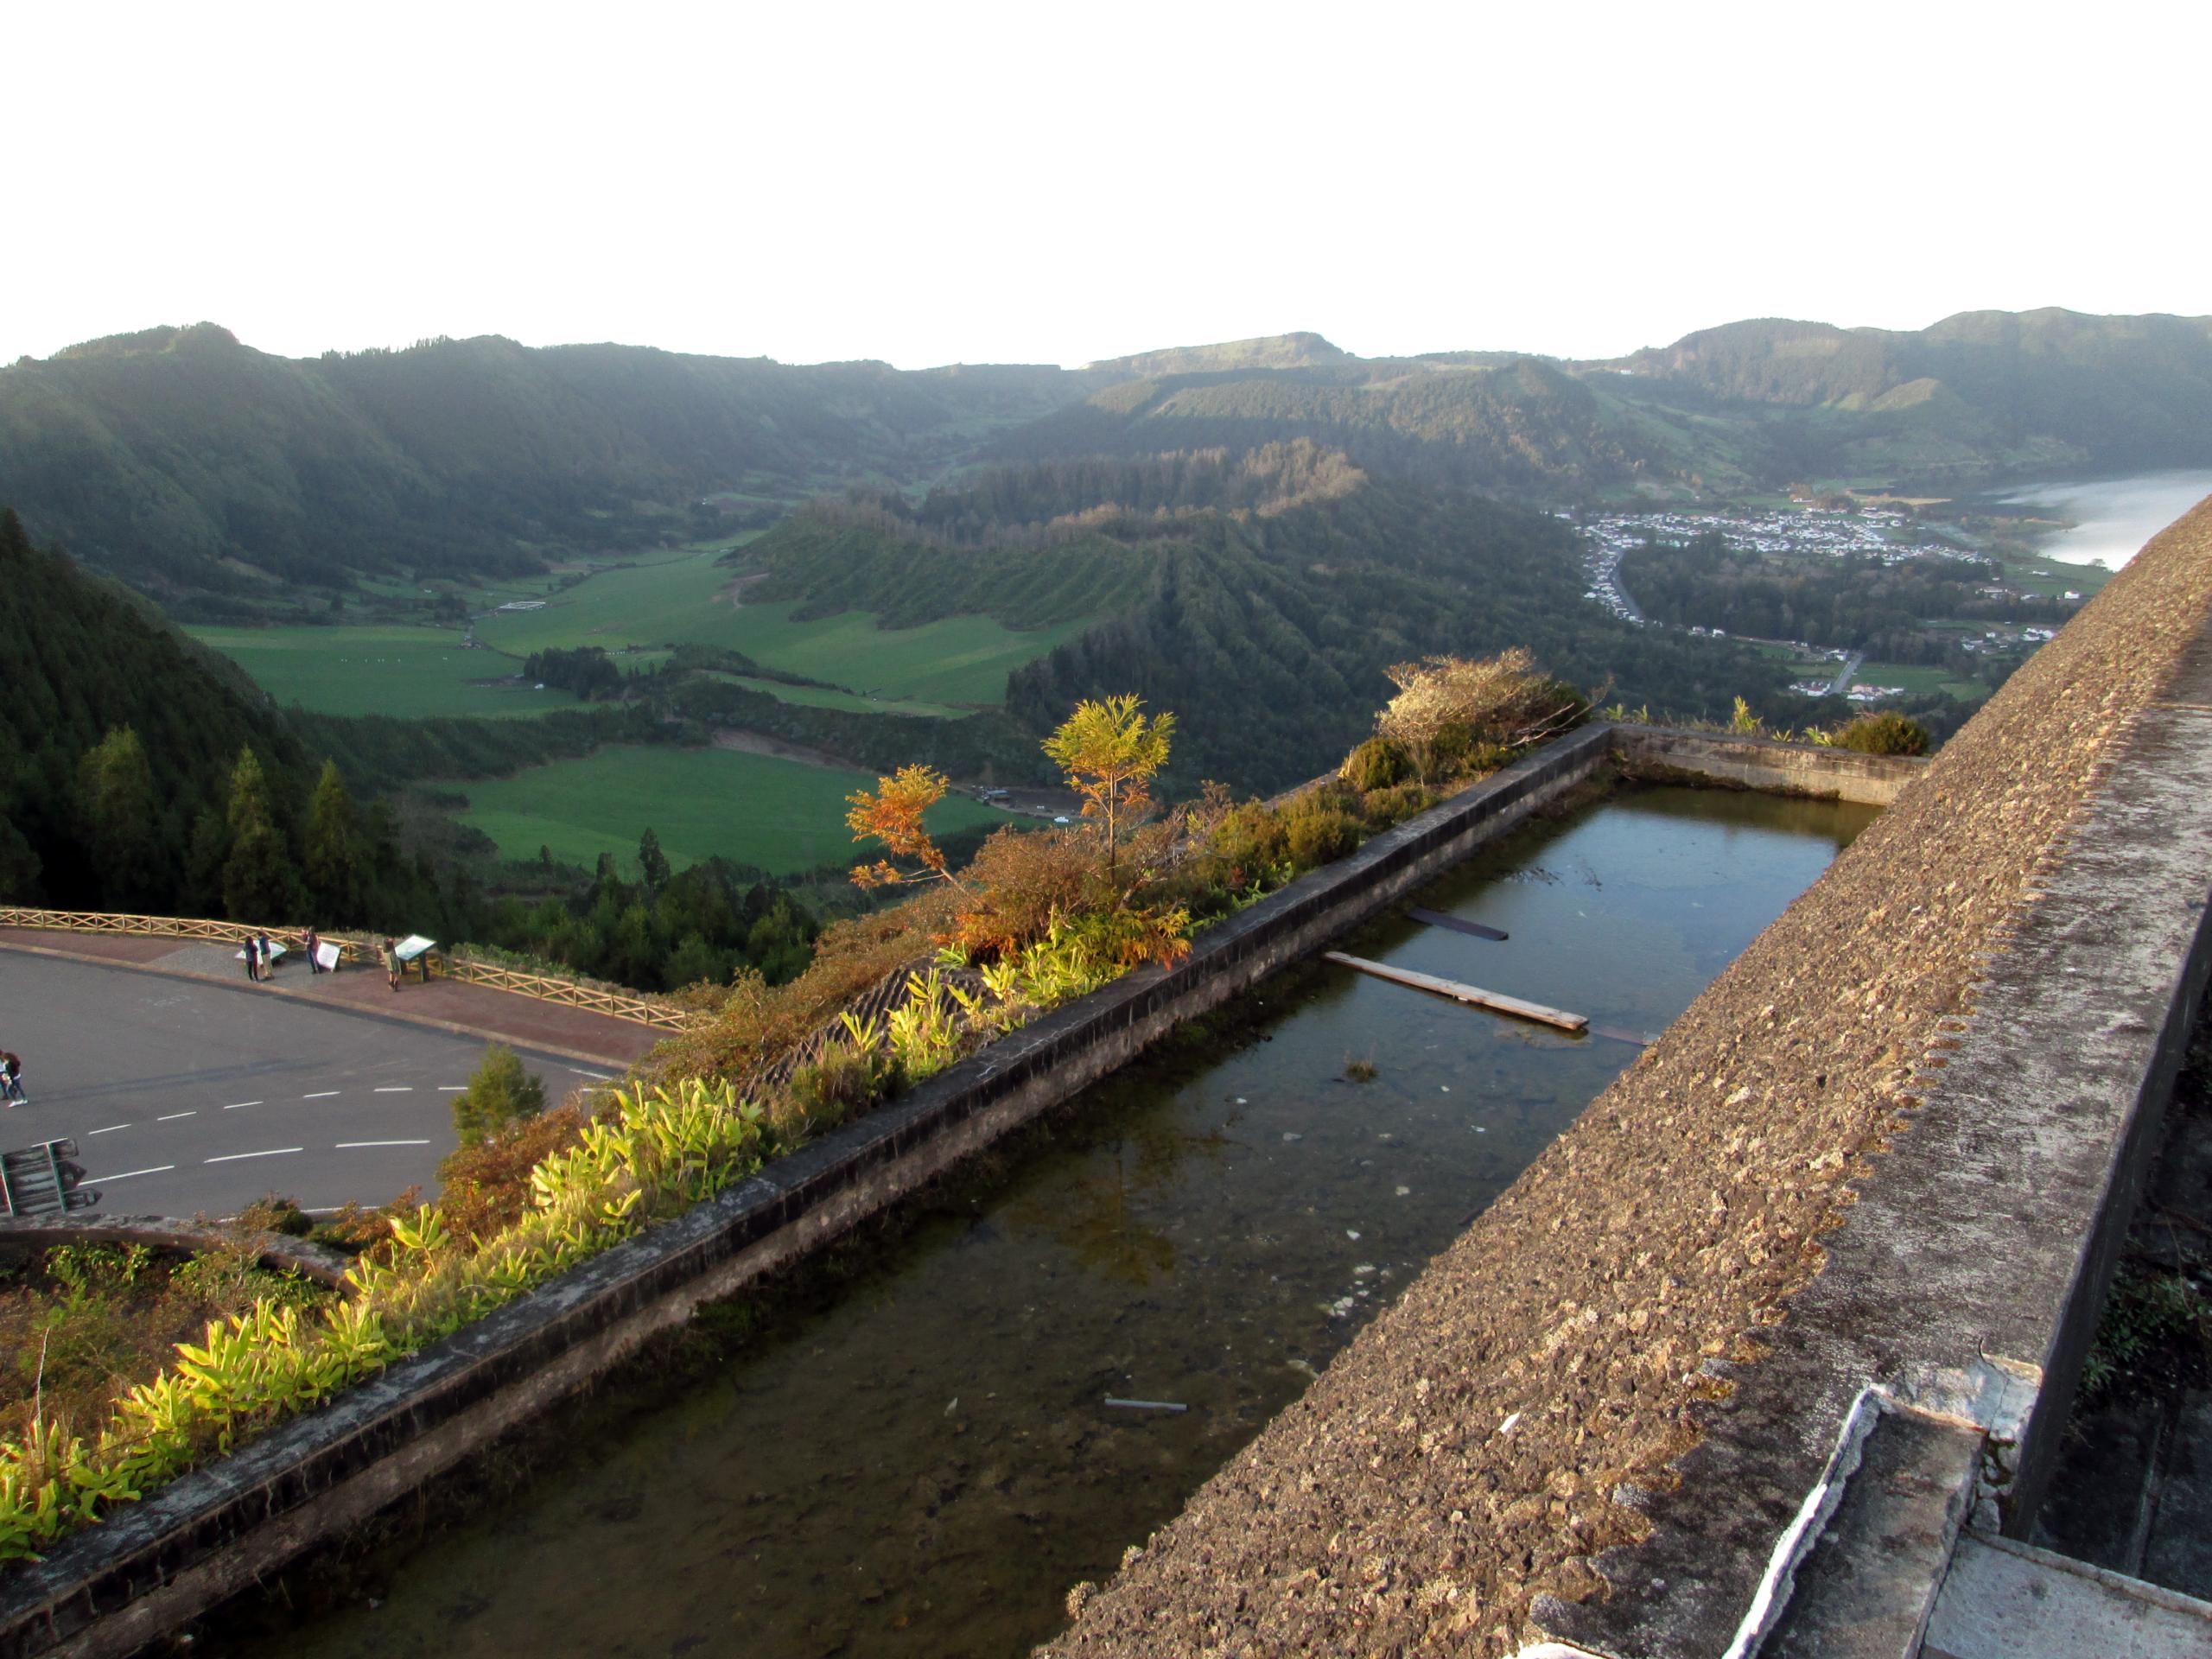 Výhled ze střechy Monte Palace do okolí